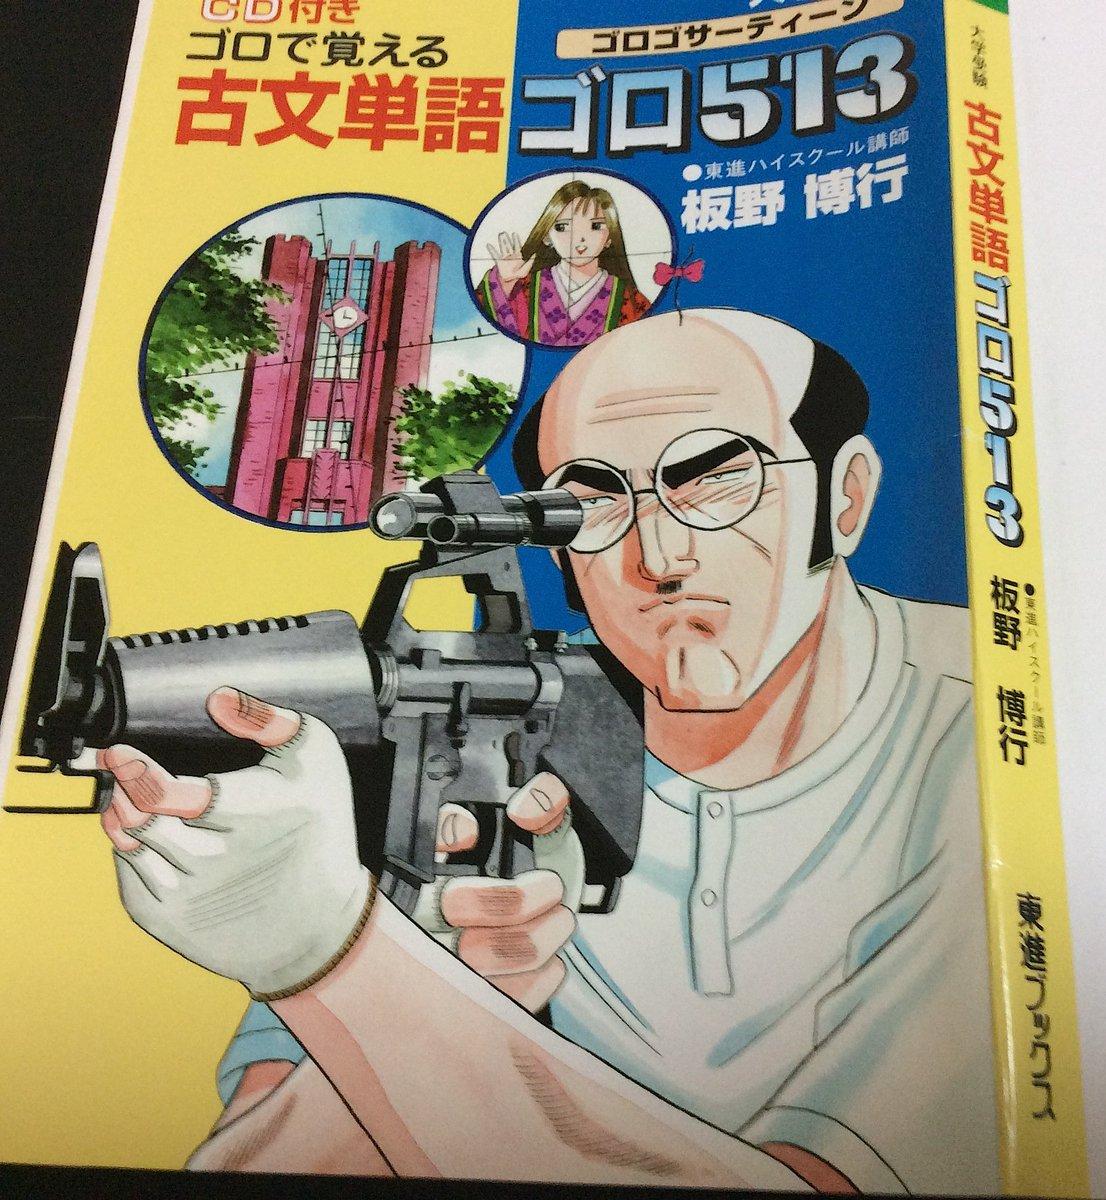 ハゲ頭の「ゴルゴ13」?漫画家がボツになった参考書の表紙を公開